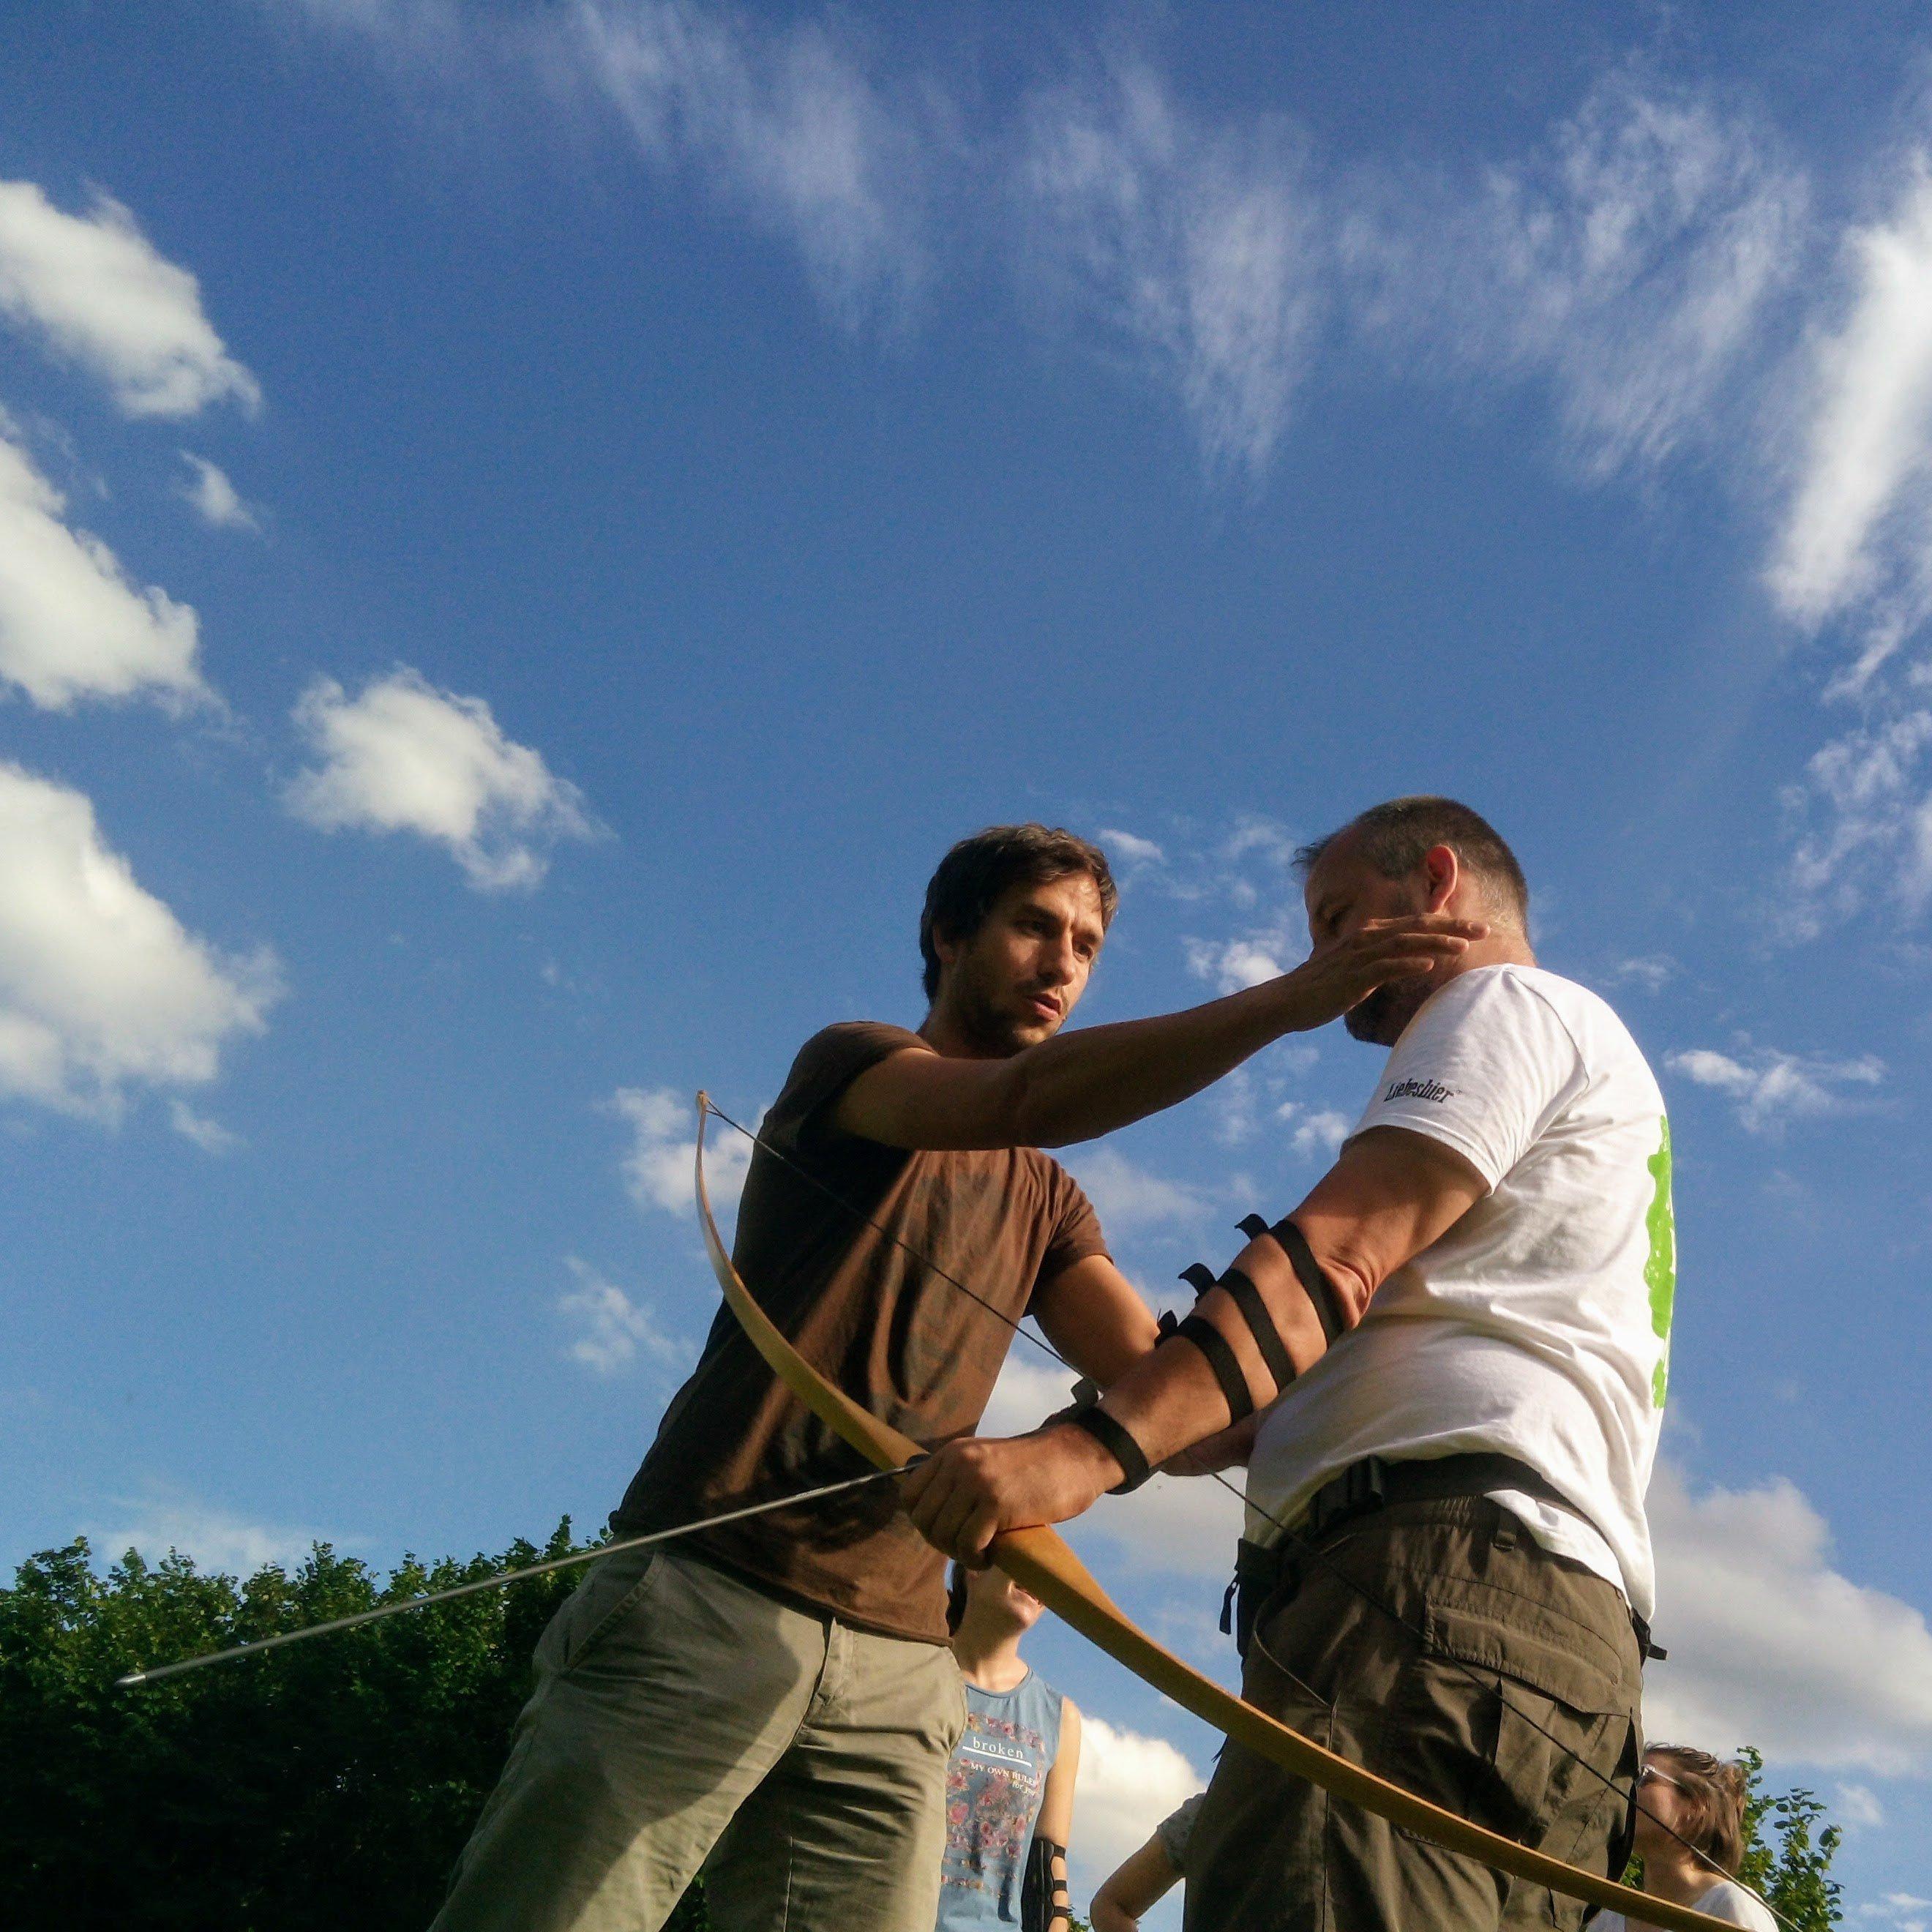 Michael Fuchs hilft mir weiter beim intuitiven Bogenschießen (Bild: Uli Büscher vom Nürnberger Land)